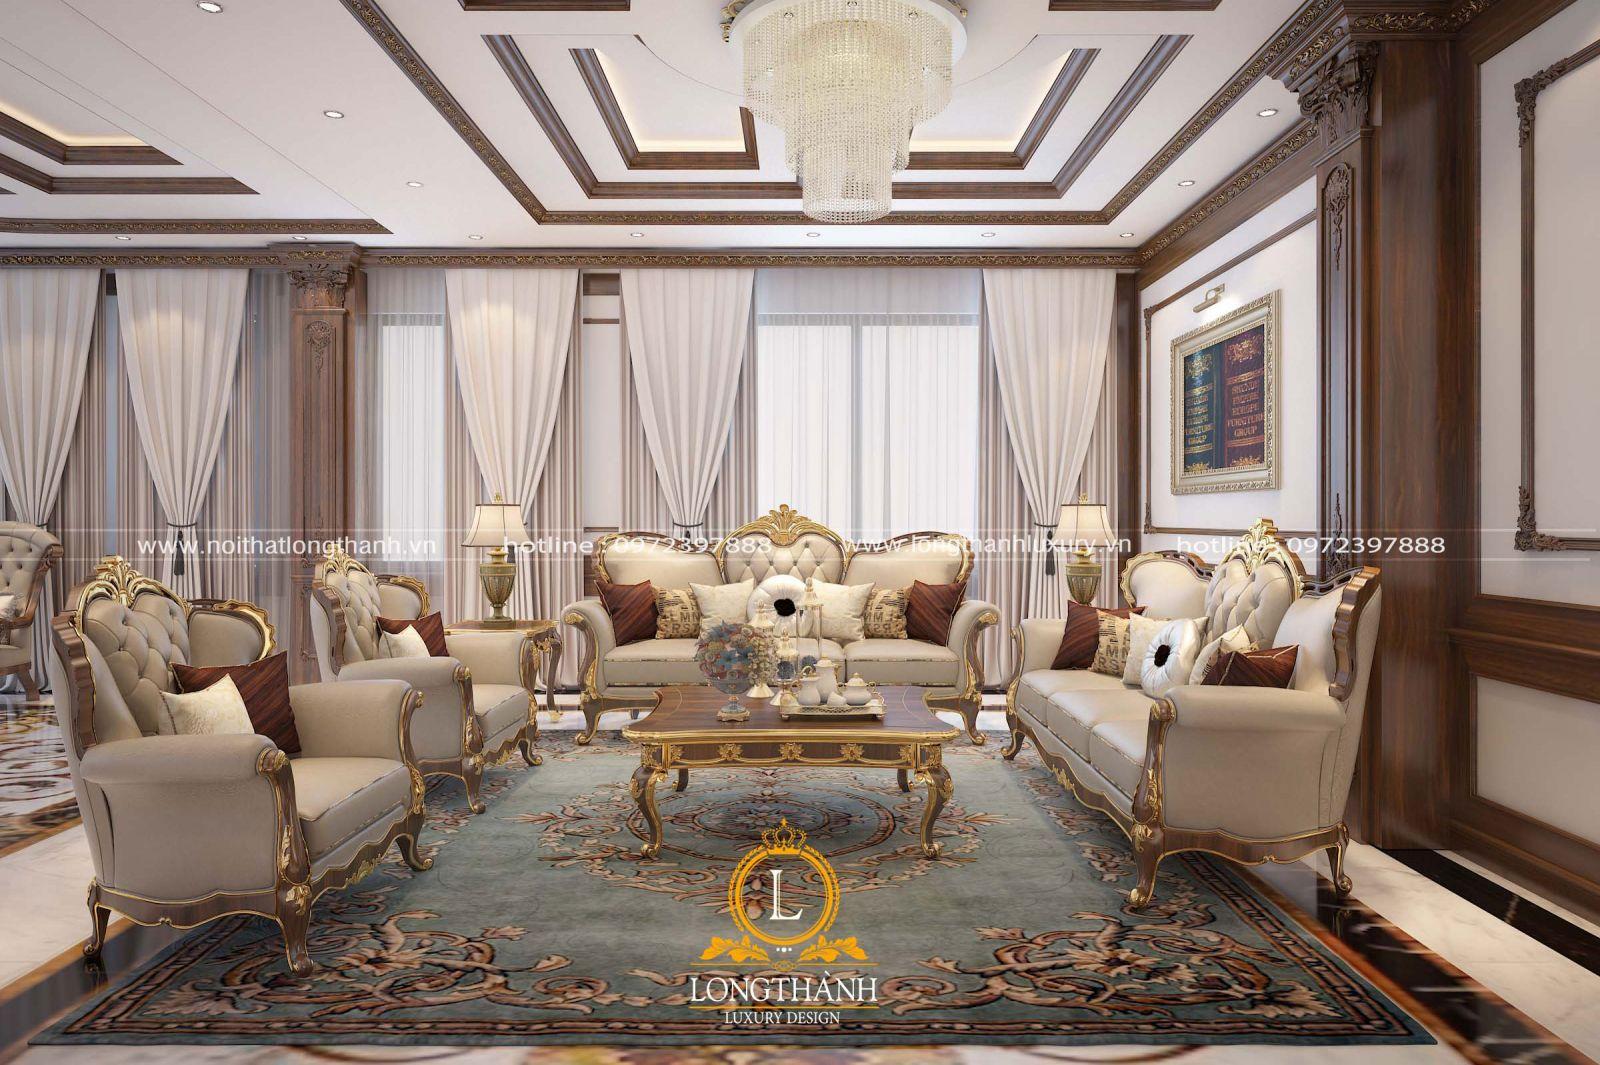 Bộ sofa tân cổ điển được bố trí trung tâm căn phòng khách